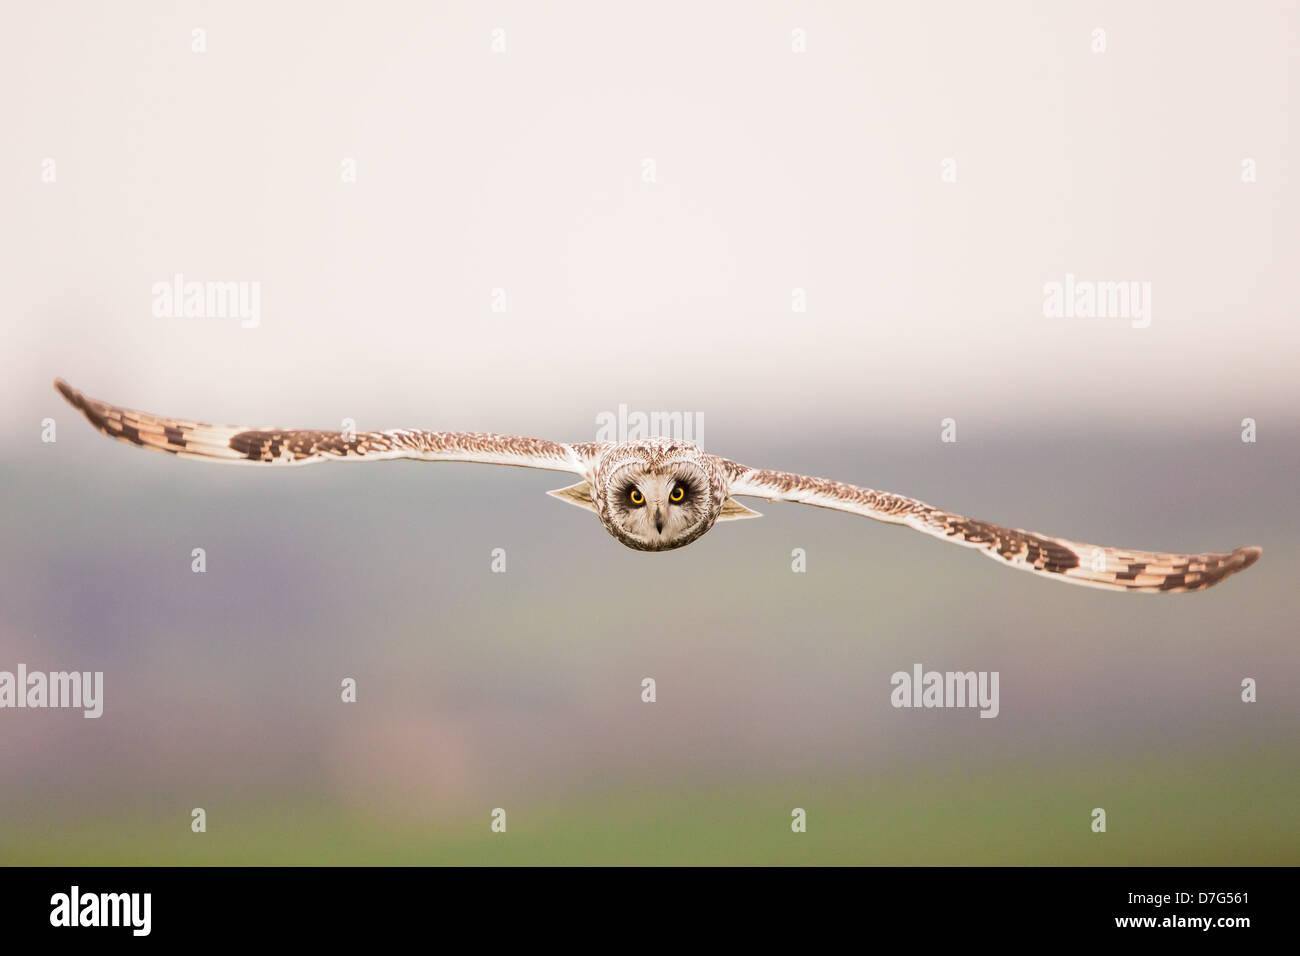 Un búho de orejas cortas (Asio flammeus) en vuelo, la caza en tierras de cultivo Imagen De Stock